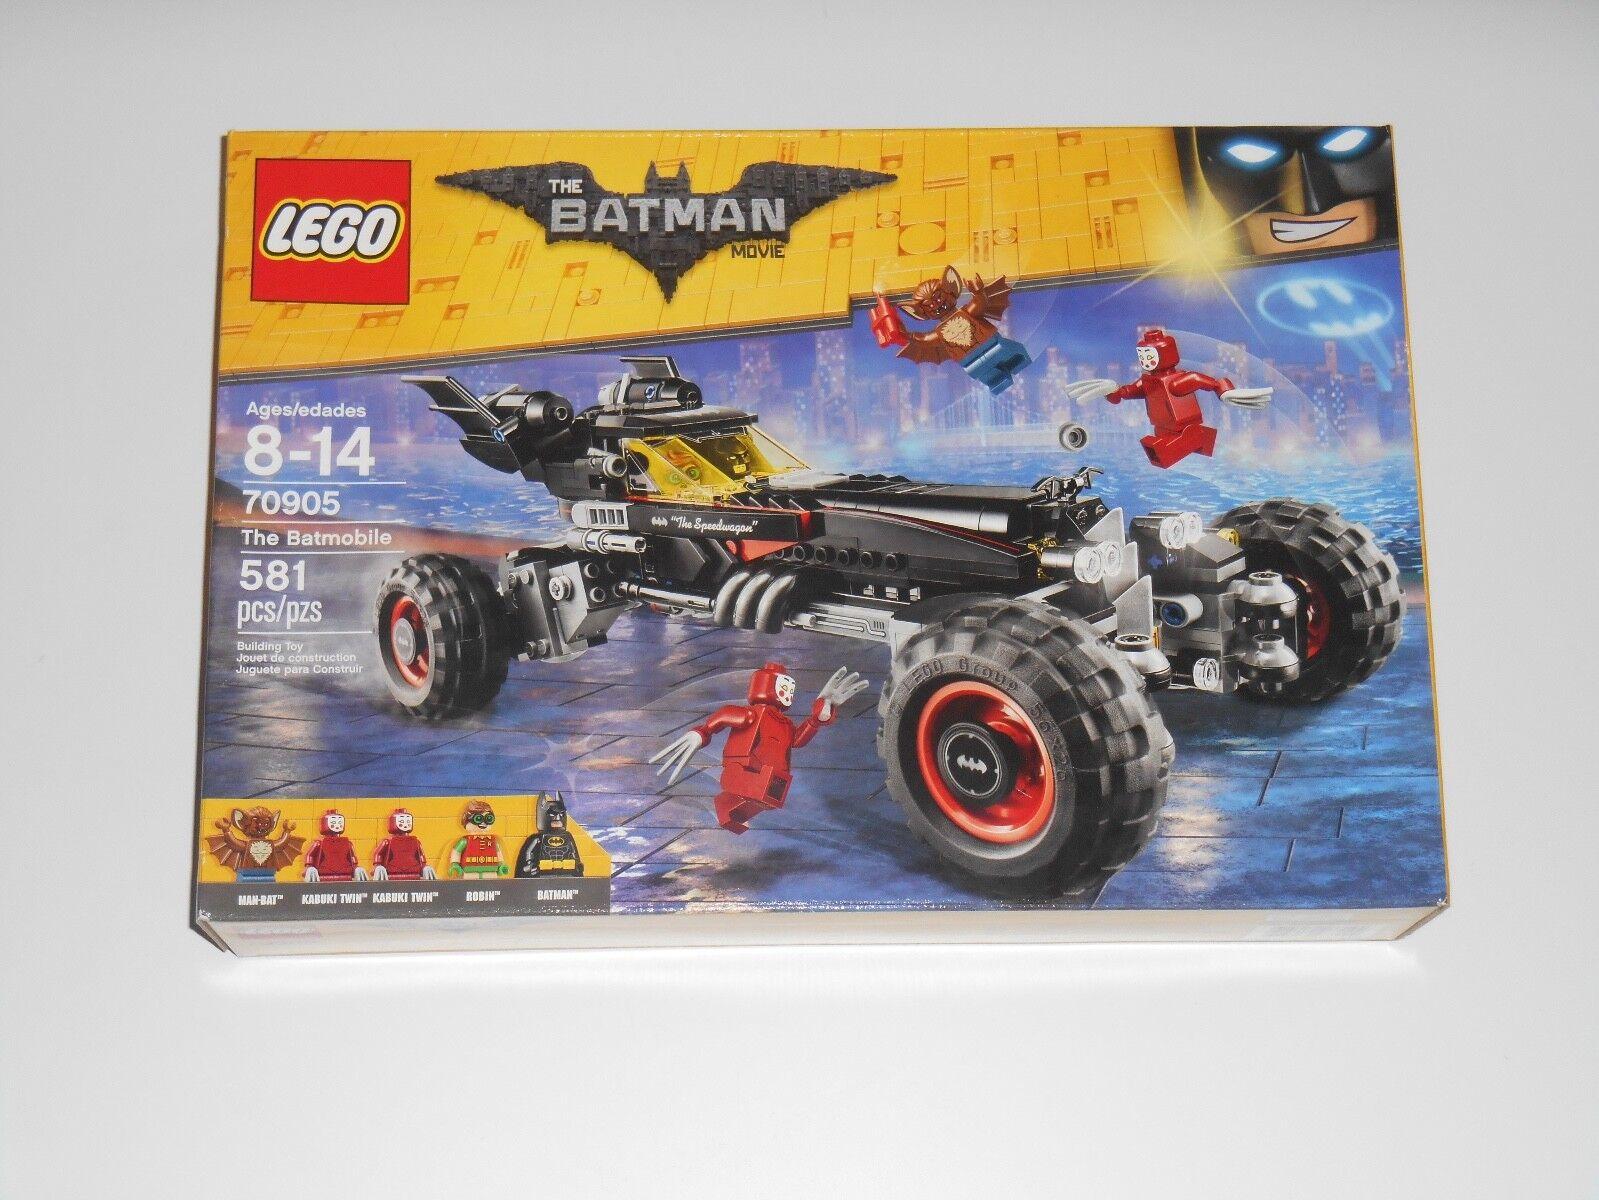 2016 Neuf Lego 70905 BAThomme  LA BATMOBILE voiture dc comic super héros 5 minifigs  pas de taxes